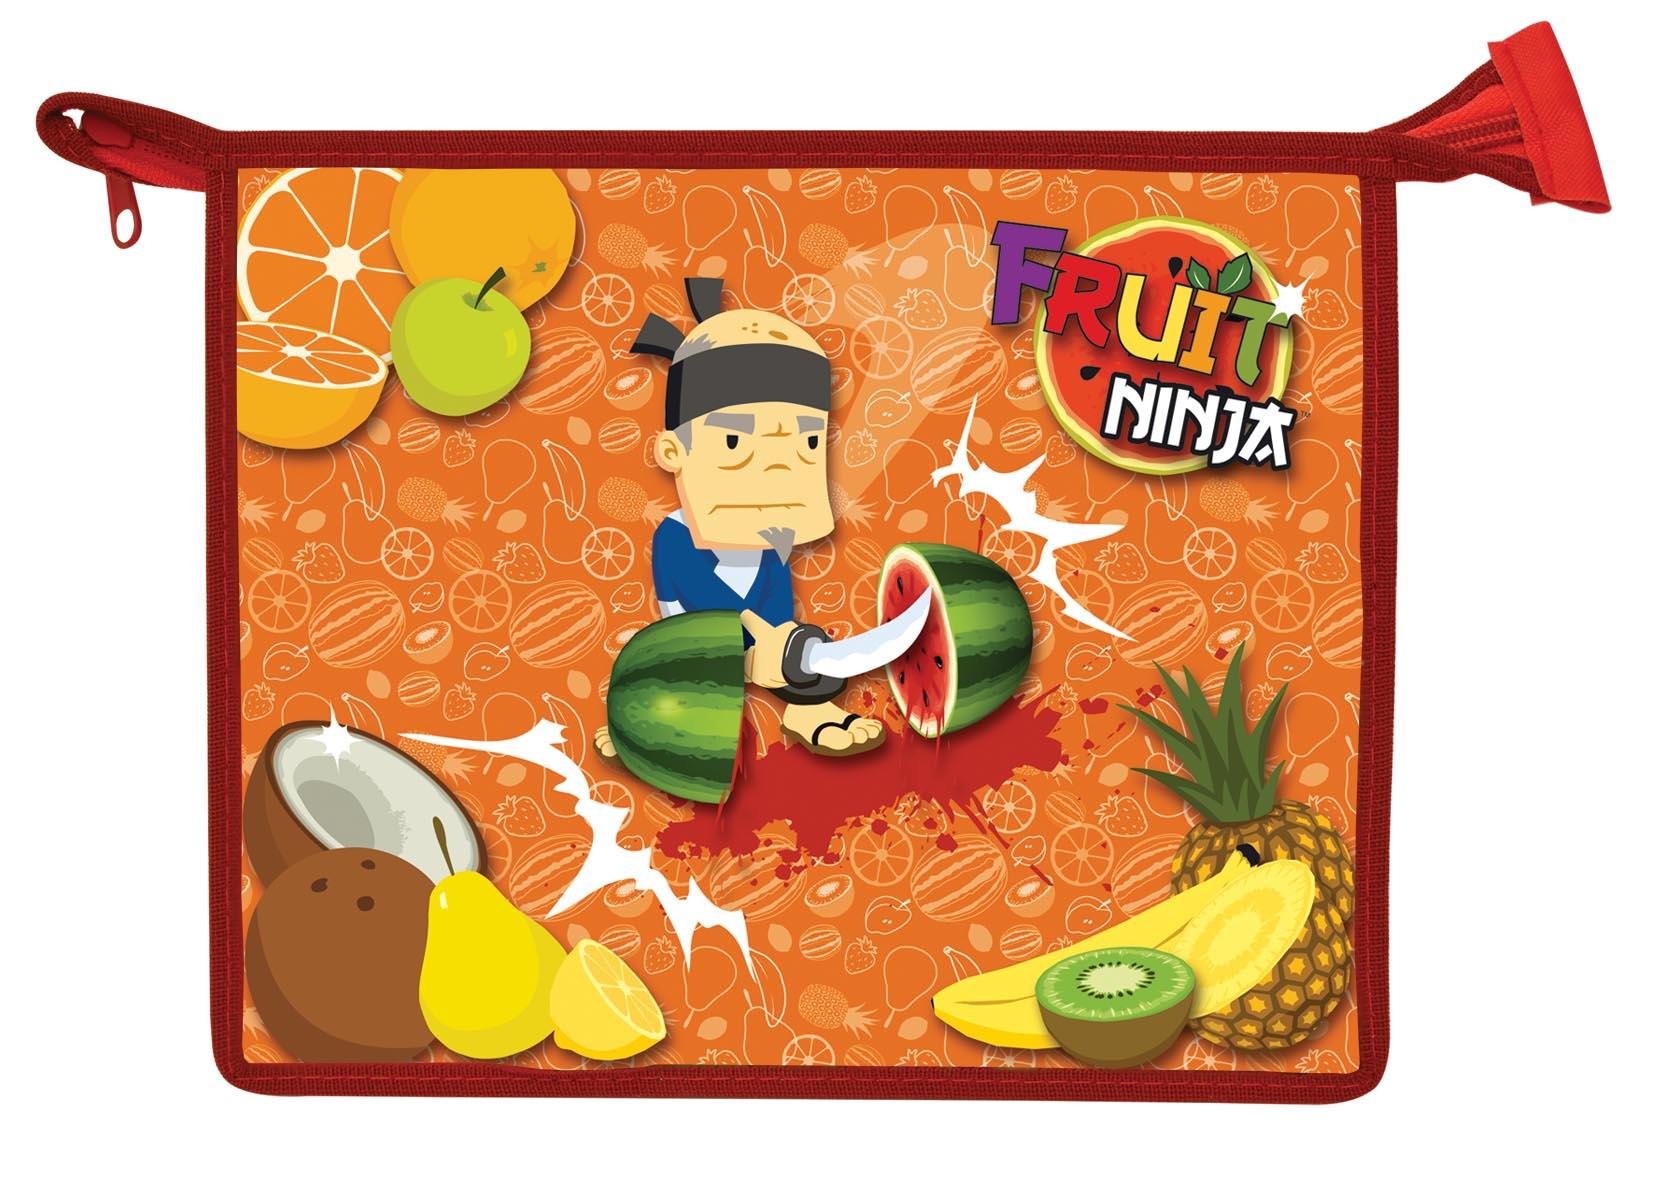 Папка для тетрадей Action! Fruit Ninja, на молнии. Формат A5FN-FZA5Папка Action! Fruit Ninja предназначена для хранения тетрадей, рисунков и прочих бумаг с максимальным форматом А5. Папка выполнена из прочного материала и содержит одно отделение. Закрывается она на застежку-молнию. Лицевая сторона папки оформлена ярким рисунком. С папкой Action! Fruit Ninja тетради вашего ребенка всегда будут выглядеть опрятно.